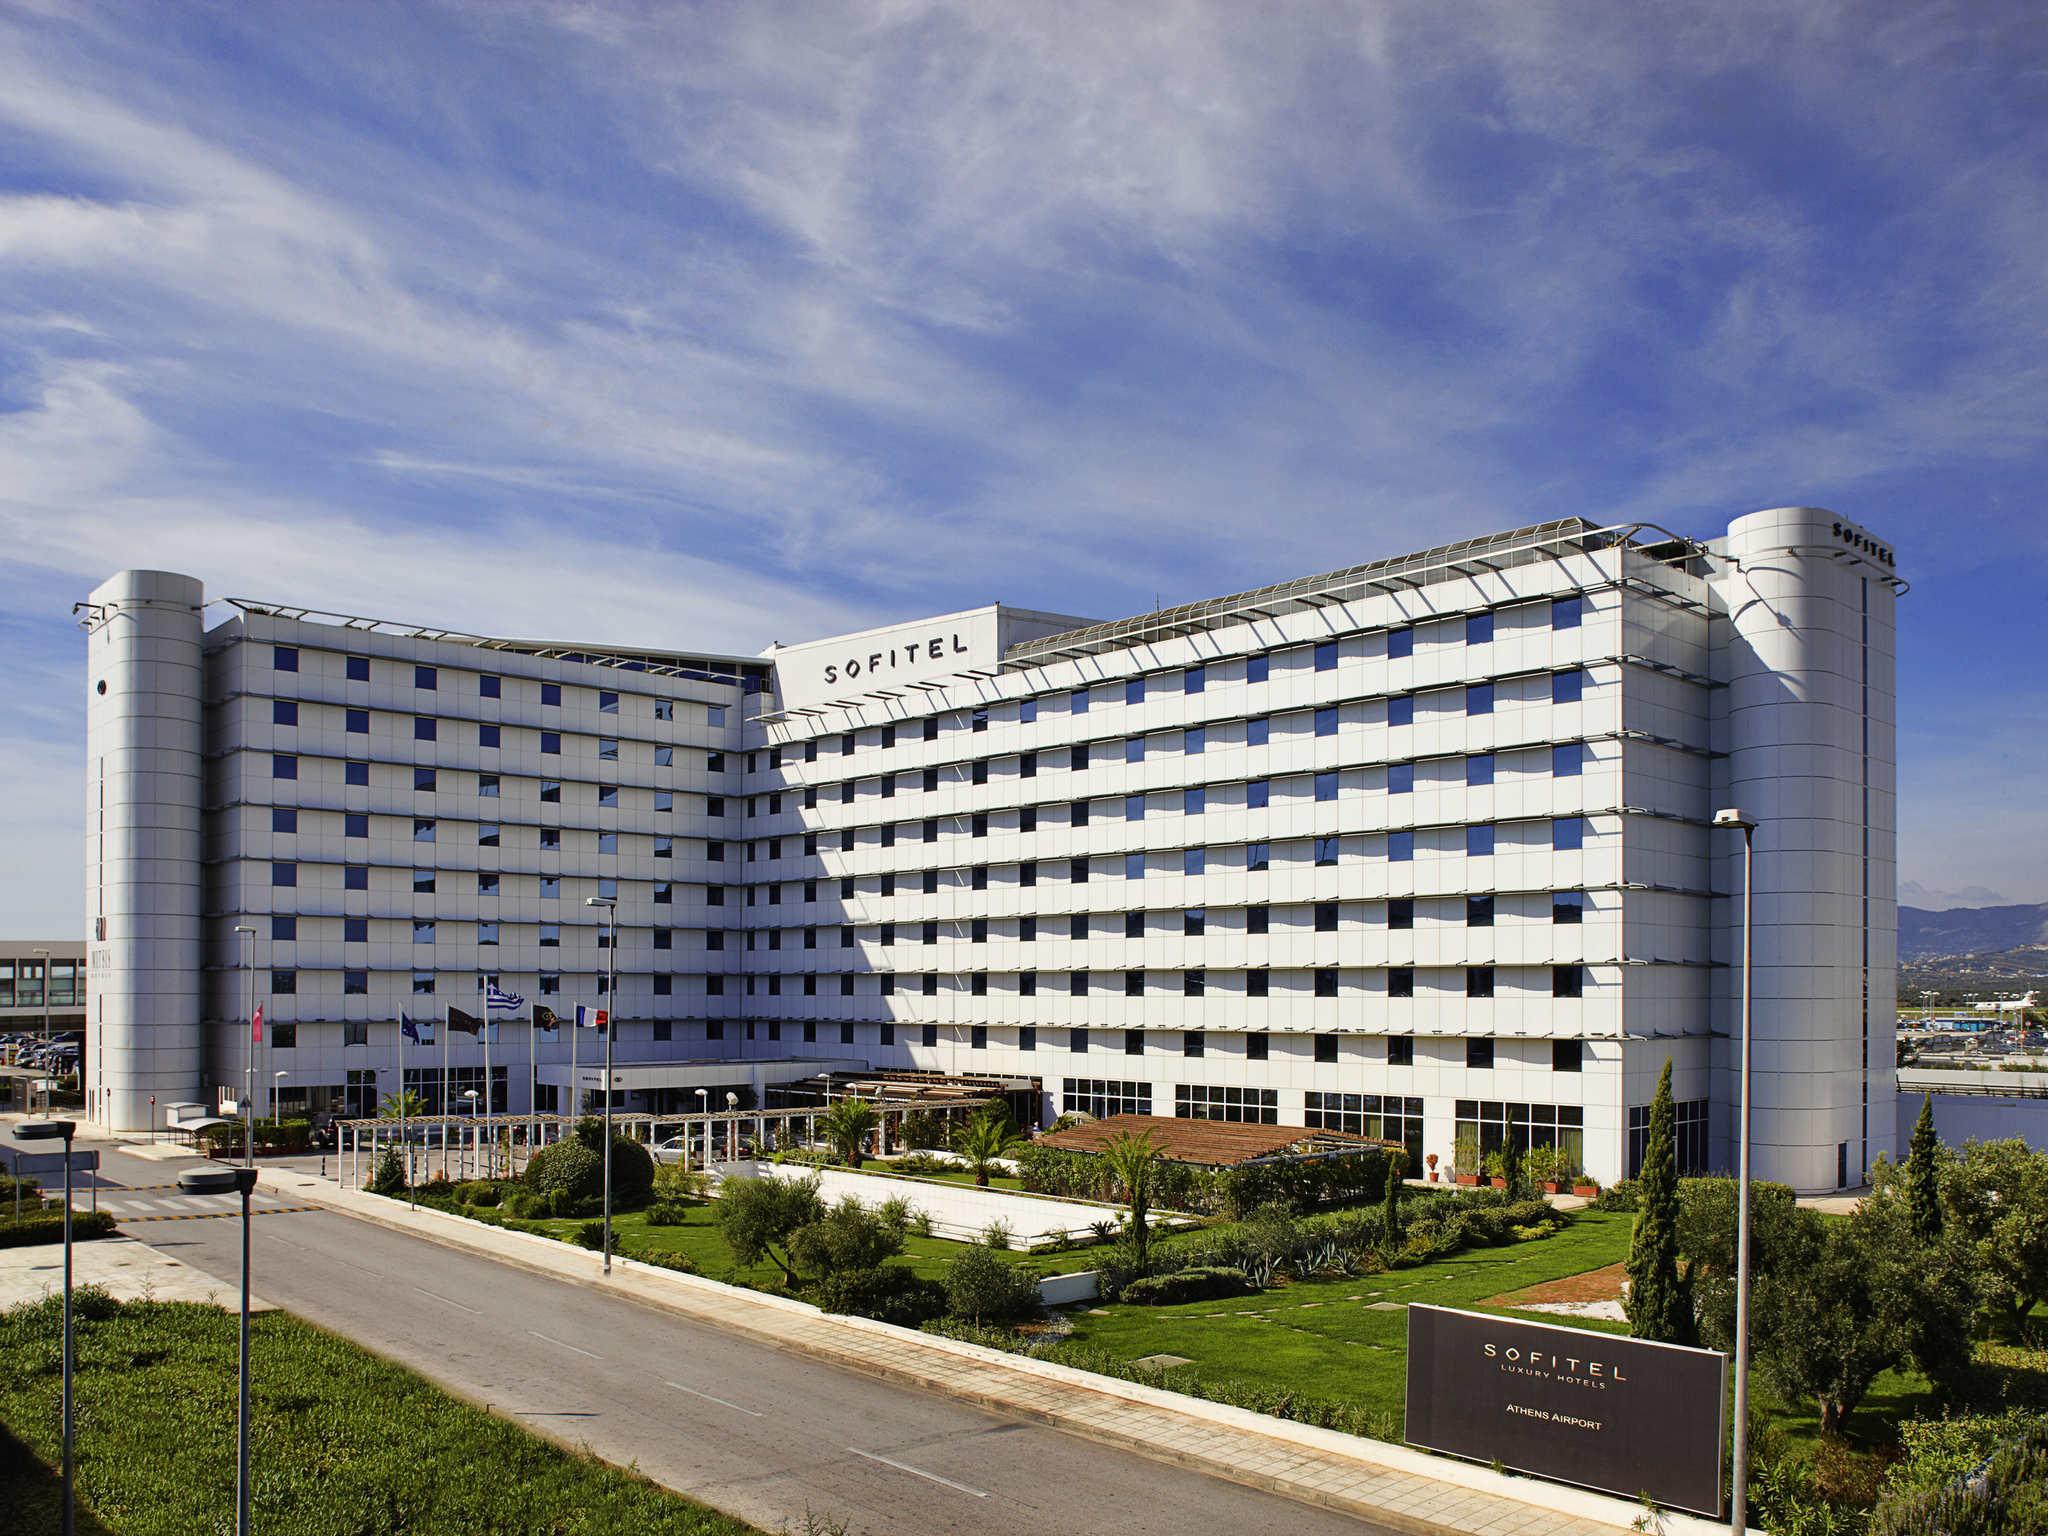 فندق - Sofitel Athens Airport